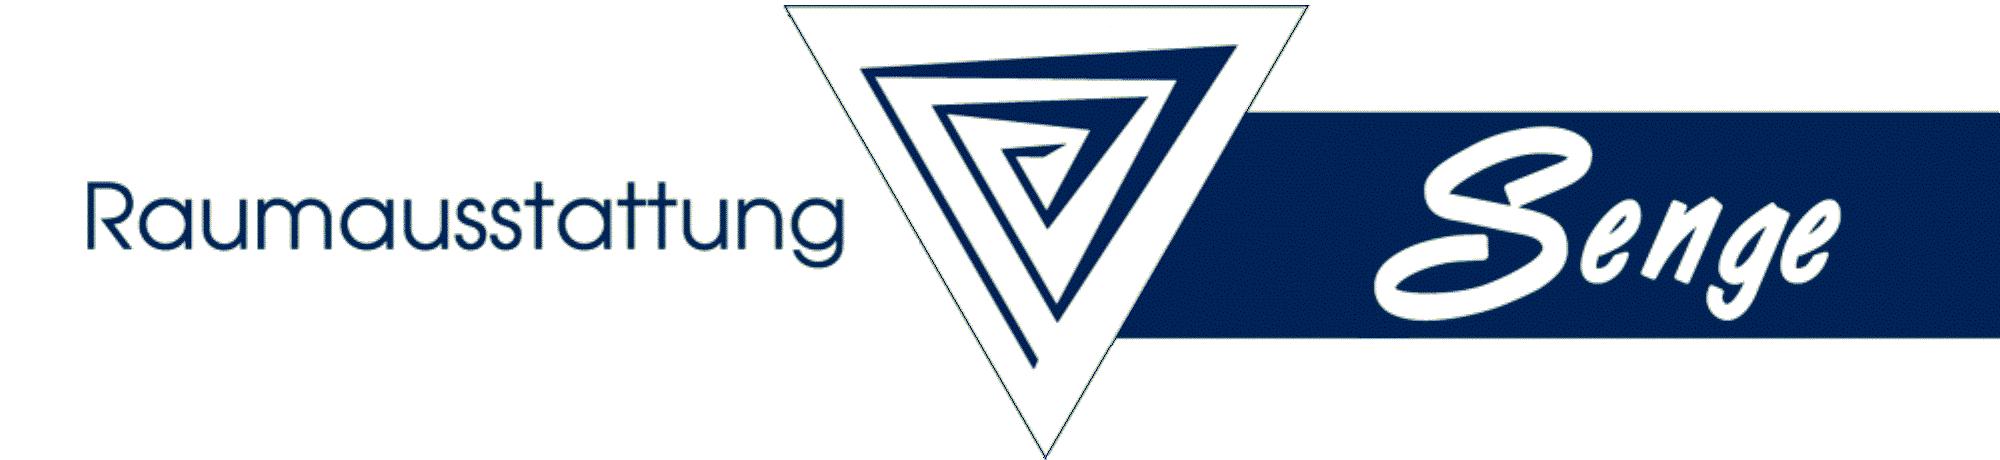 Raumausstatter logo  Raumausstattung, Raumausstatter - München